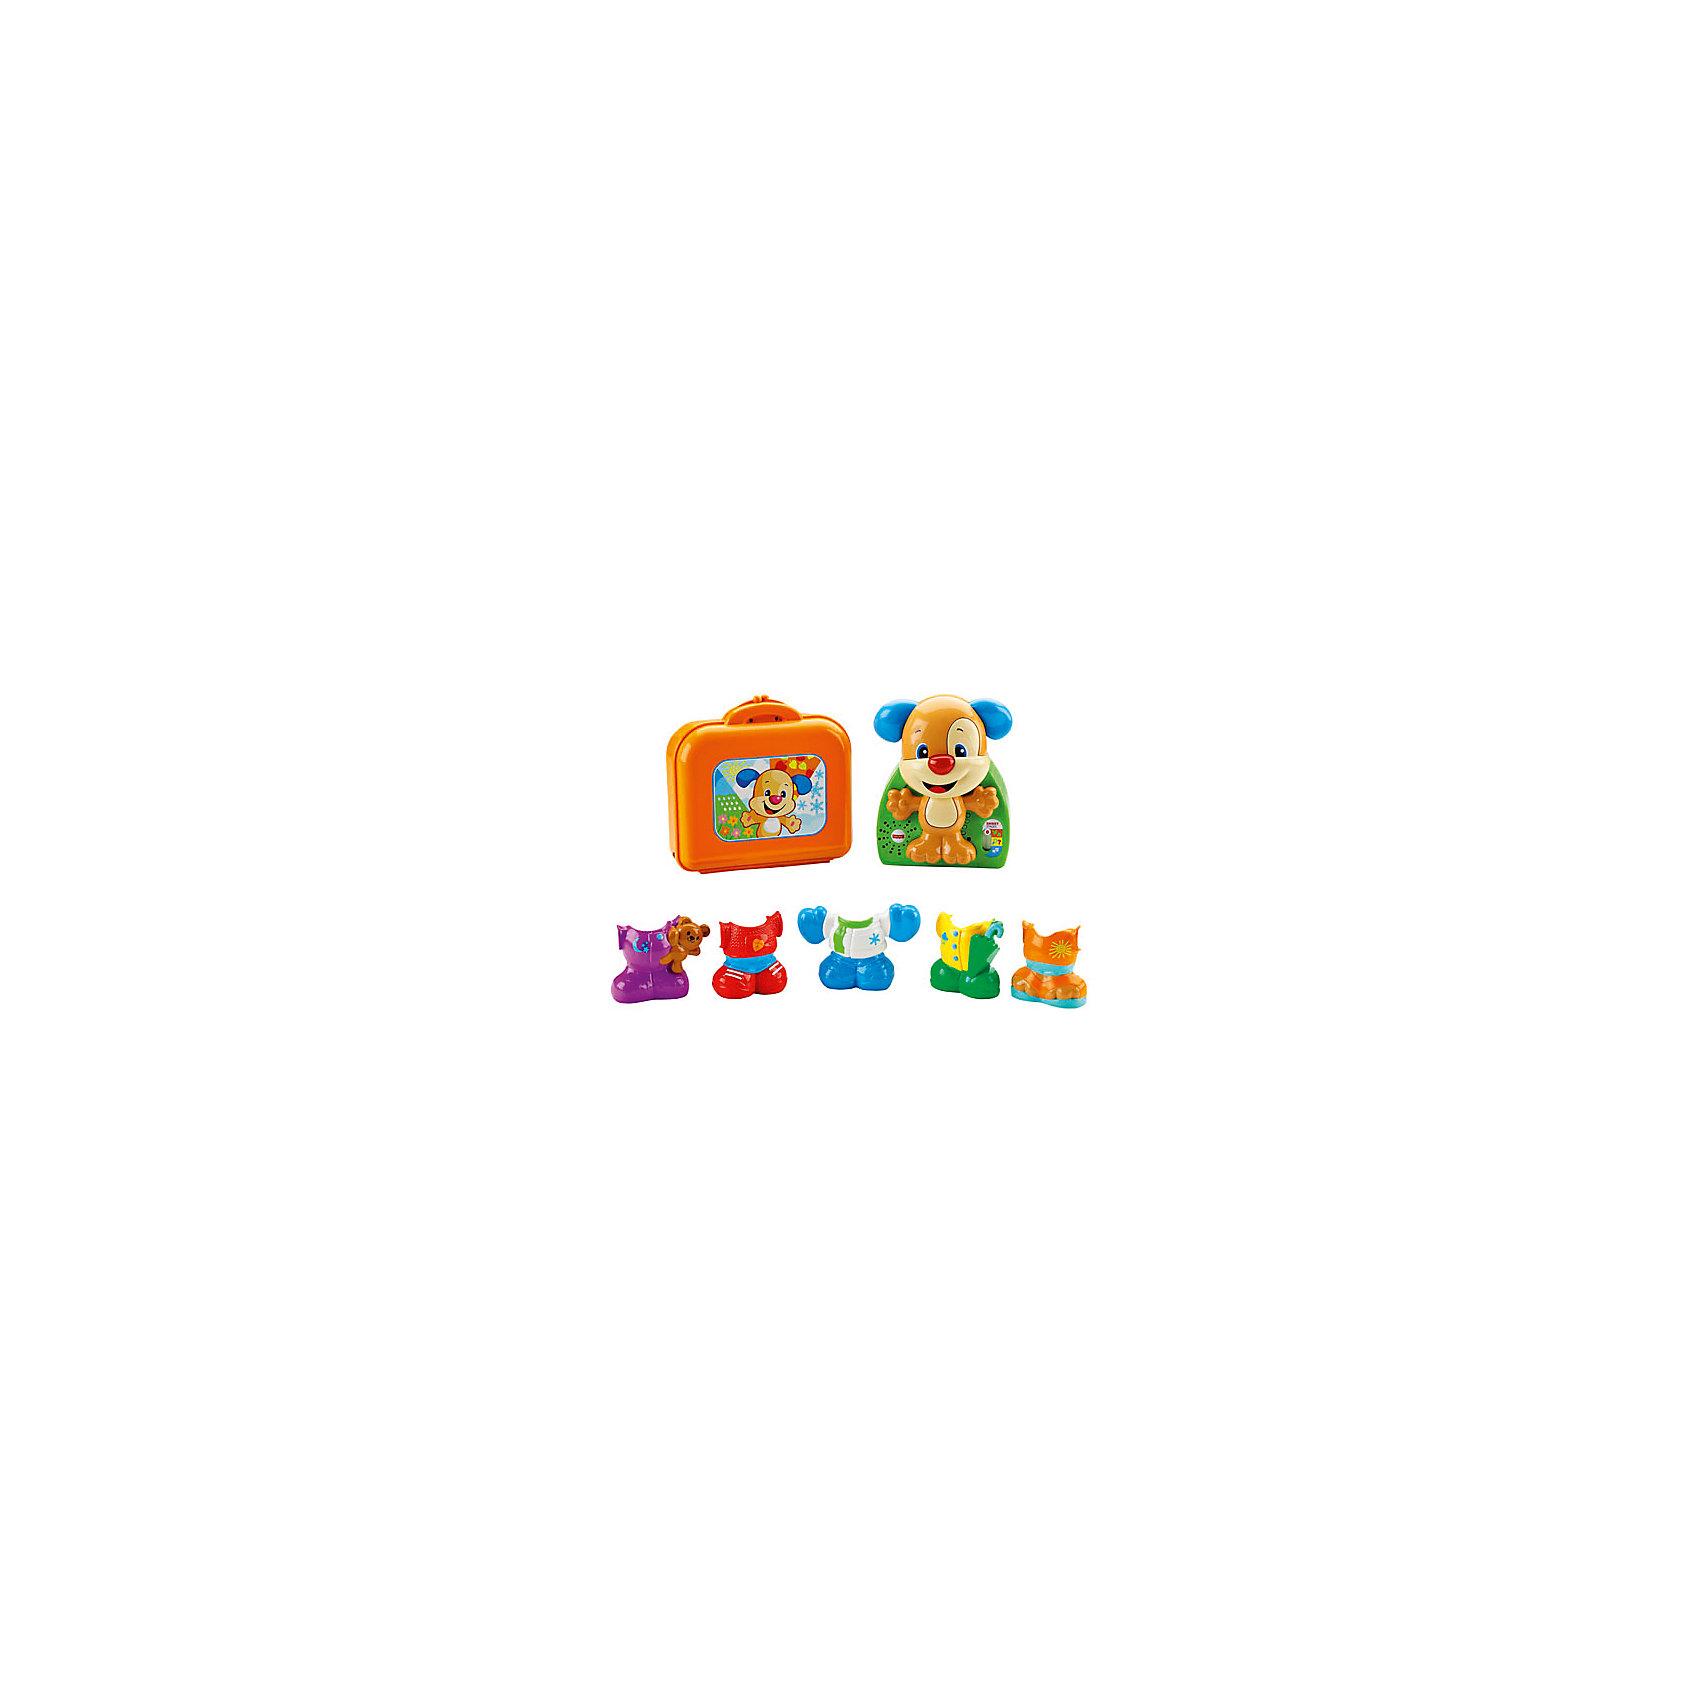 Игра «Наряди щенка», Fisher PriceИгра «Наряди щенка», Fisher Price ? развивающая игрушка от знаменитого бренда Mattel с технологией Smart Stages, которая позволяет выбирать индивидуальный режим обучения для ребенка. Игрушка выполнена из качественного и безопасного пластика, устойчивого к изменению цвета и механическим повреждениям и сколам. У всех элементов отсутствуют острые углы, что делает игрушку безопасной.<br>Игра «Наряди щенка», Fisher Price представляет собой набор из фигурки щенка и пяти разнообразных съемных нарядов. Щенок – интерактивный, он произносит звуки и слова, поет песенки. Увлекательная игра со щенком позволит в легкой ненавязчивой форме познакомиться ребенку с различными предметами одежды, освоить и запомнить особенности каждого времени года. Игровой набор направлен на развитие мелкой моторики, расширение кругозора и словарного запаса ребенка.<br> <br>Дополнительная информация:<br><br>- Вид игр: развивающие, сюжетно-ролевые <br>- Материал: пластик<br>- Комплектация: фигурка щенка, пять съемных нарядов, чемоданчик<br>- Размер (Д*Ш*В): 9*34,5*33 см<br>- Вес: 830 г <br>- Особенности ухода: все элементы набора можно протирать влажной губкой<br><br>Подробнее:<br><br>• Для детей в возрасте: от 1,5 лет и до 4 лет<br>• Страна производитель: Китай<br>• Торговый бренд: Mattel<br><br>Игру «Наряди щенка», Fisher Price можно купить в нашем интернет-магазине.<br><br>Ширина мм: 90<br>Глубина мм: 345<br>Высота мм: 330<br>Вес г: 830<br>Возраст от месяцев: 18<br>Возраст до месяцев: 48<br>Пол: Унисекс<br>Возраст: Детский<br>SKU: 4915808